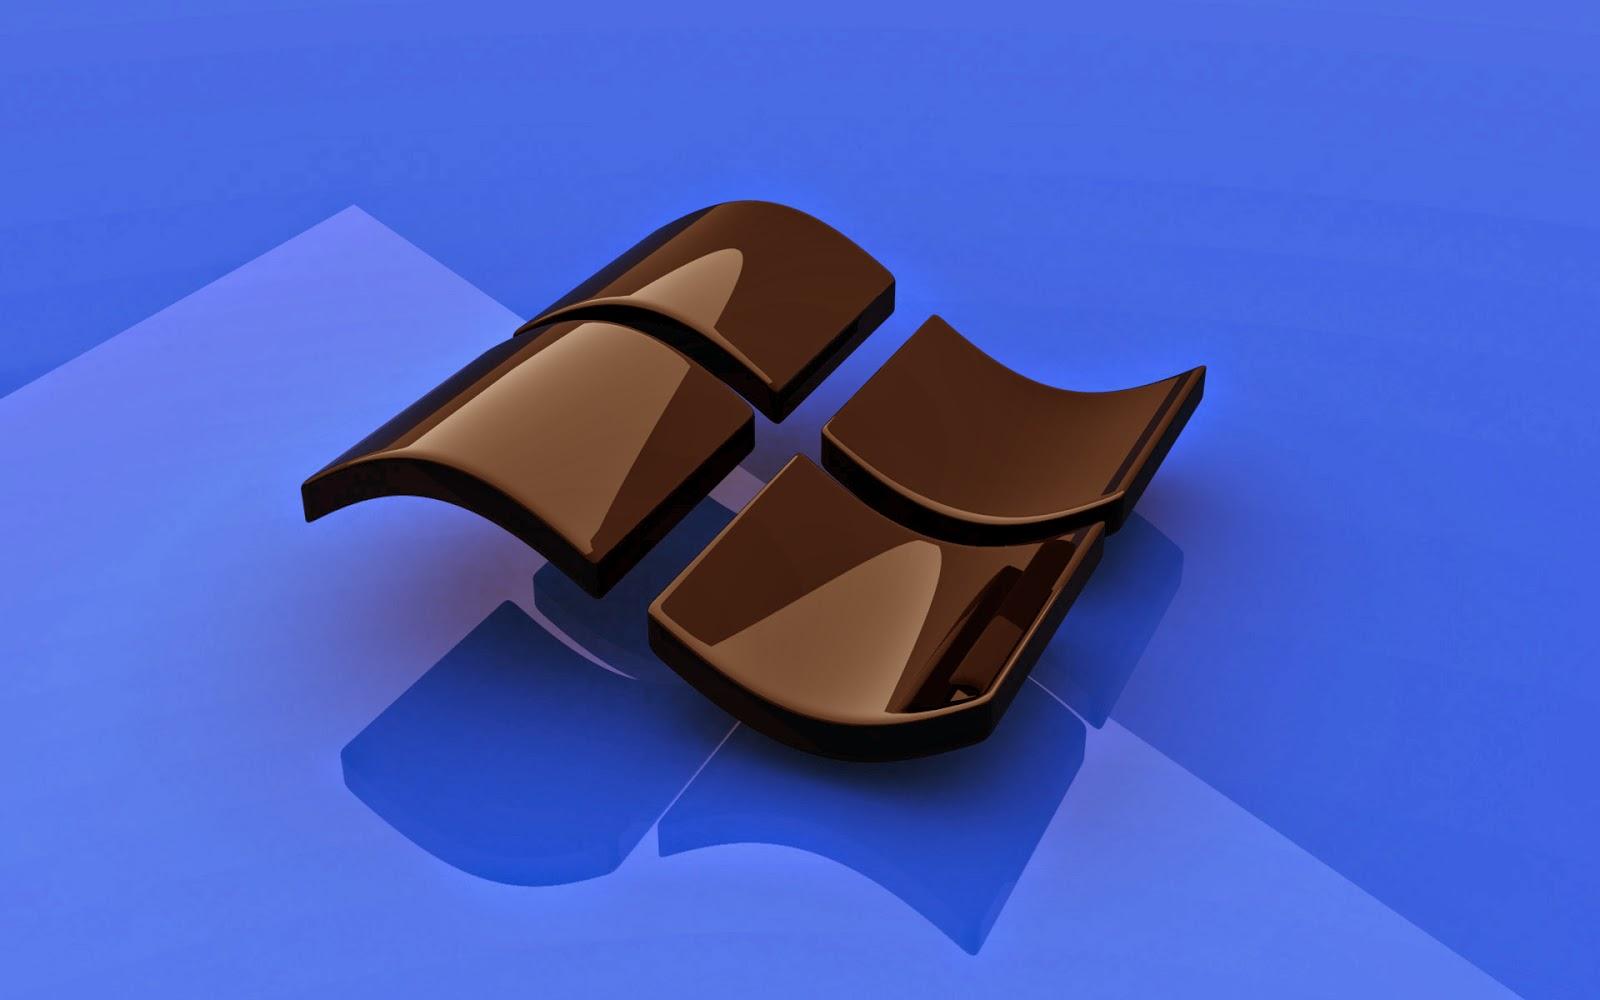 arte Microsoft Windows em 3D